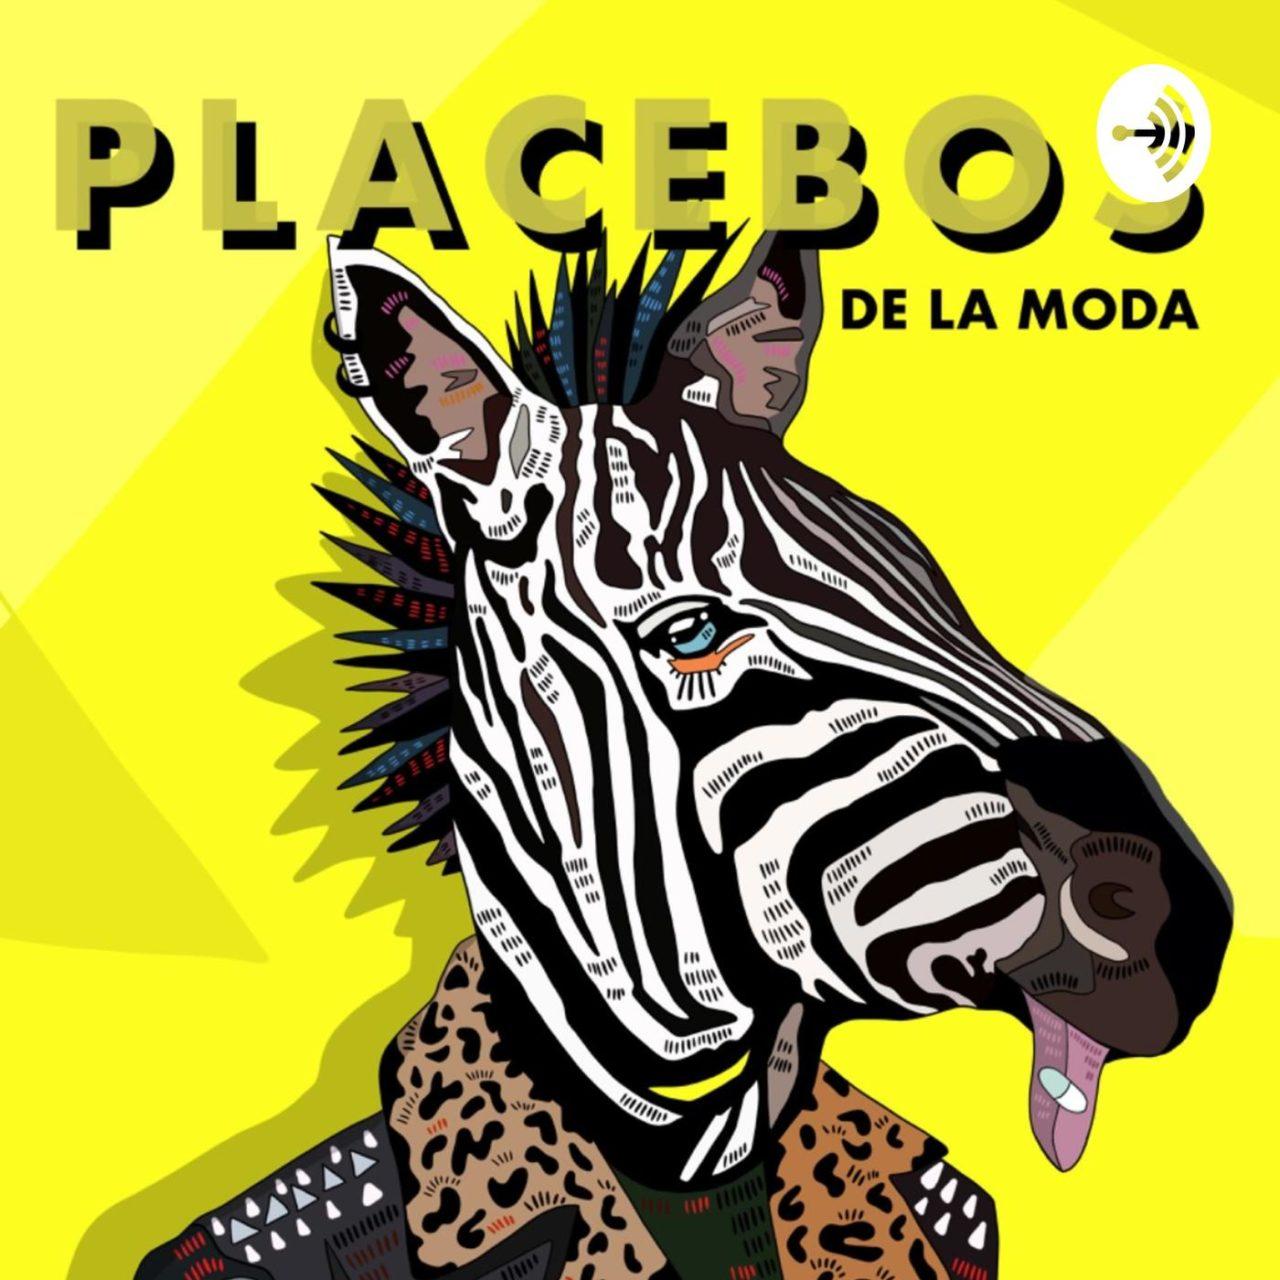 podcast de moda en español